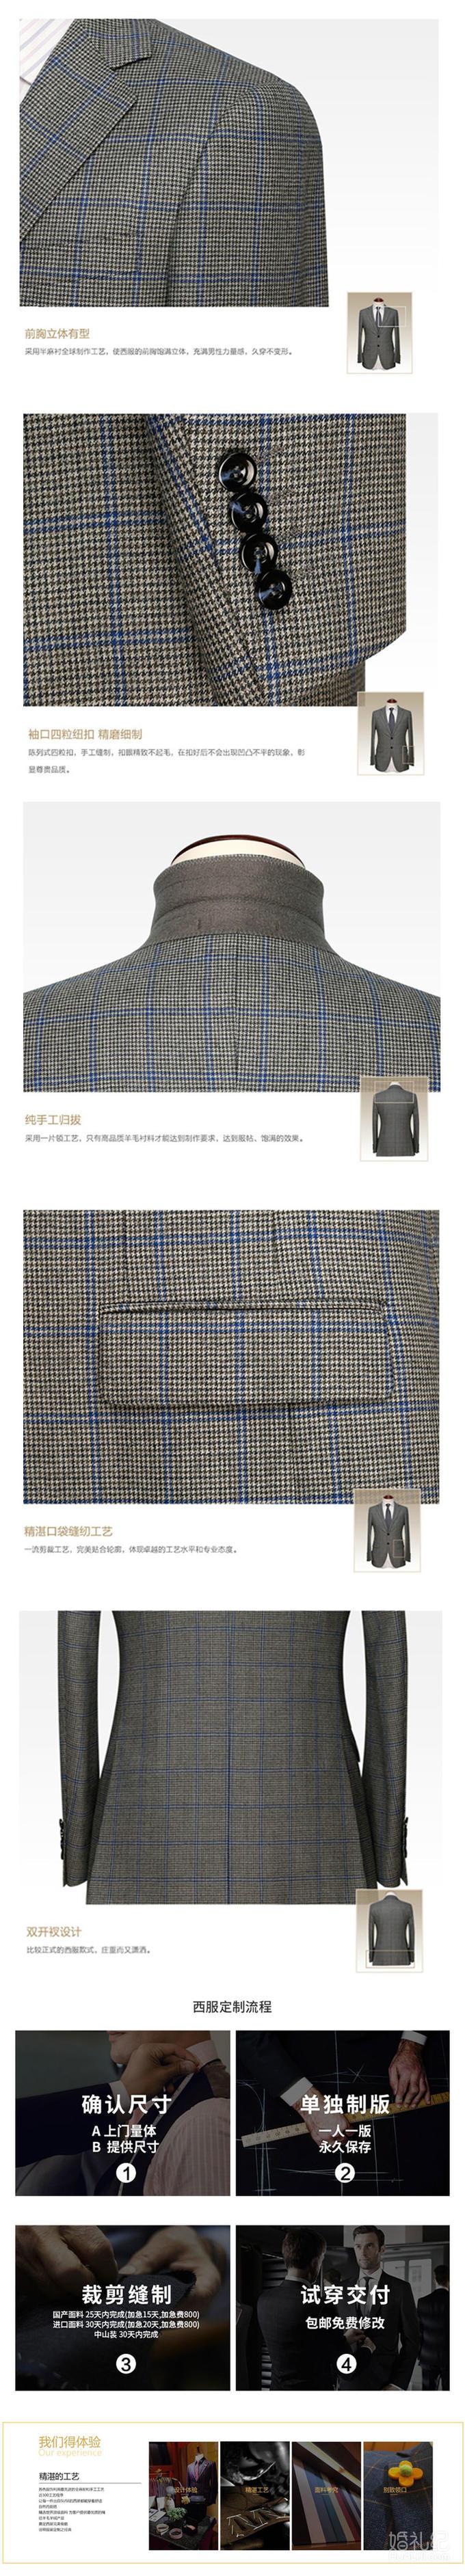 华贵尊享-灰色格纹套西系列